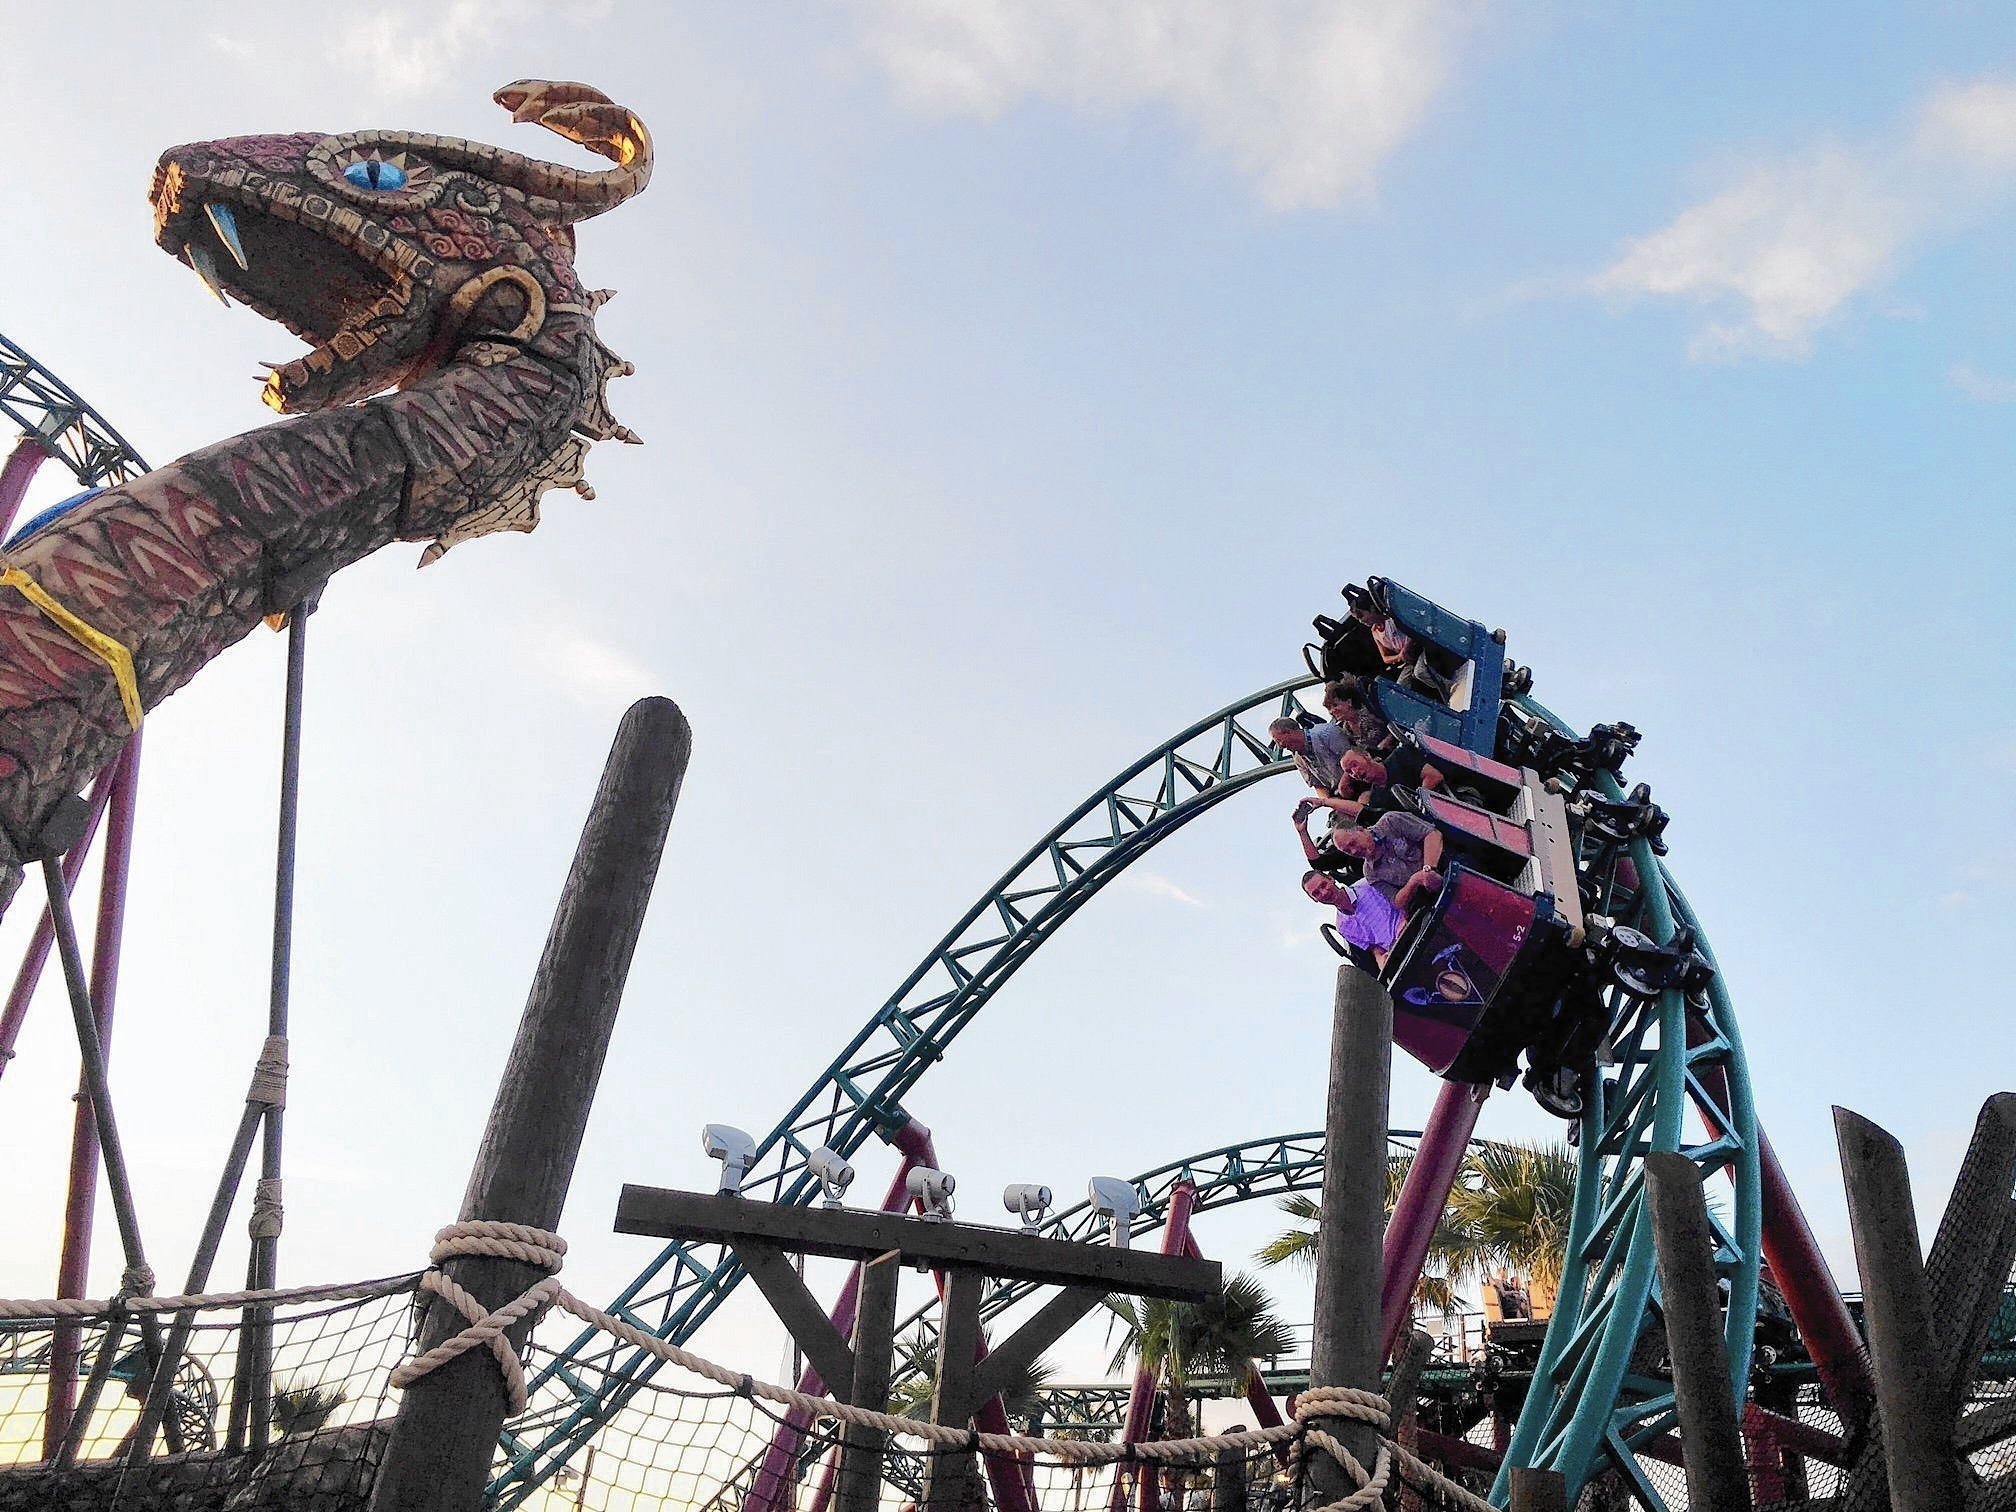 Cobra 39 s curse roller coaster busch gardens tampa pictures - Busch gardens tampa roller coasters ...